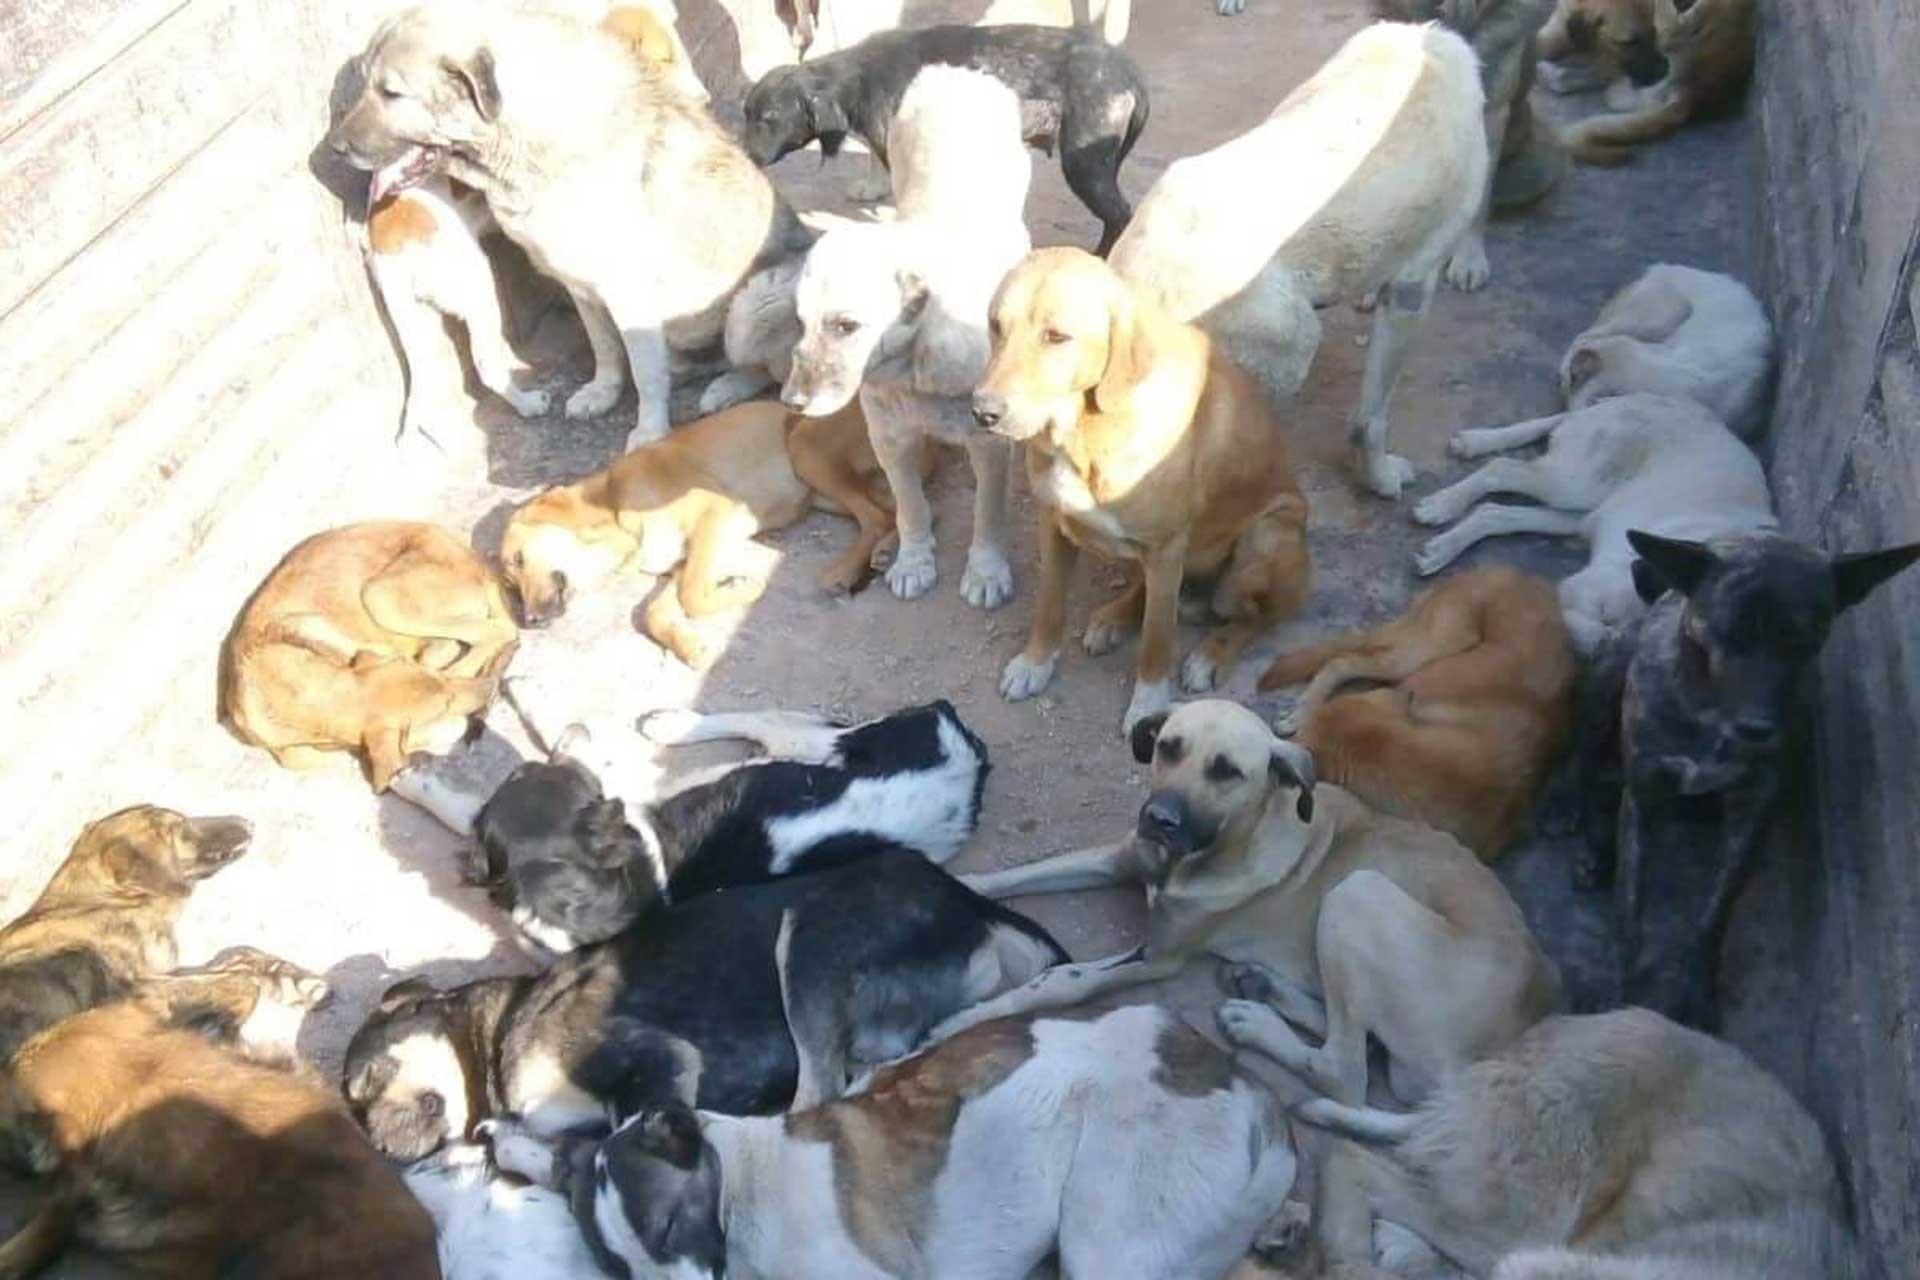 Artvin'in yaylasında bırakılan köpekler, belediyeler tarafından şehre alınmadı